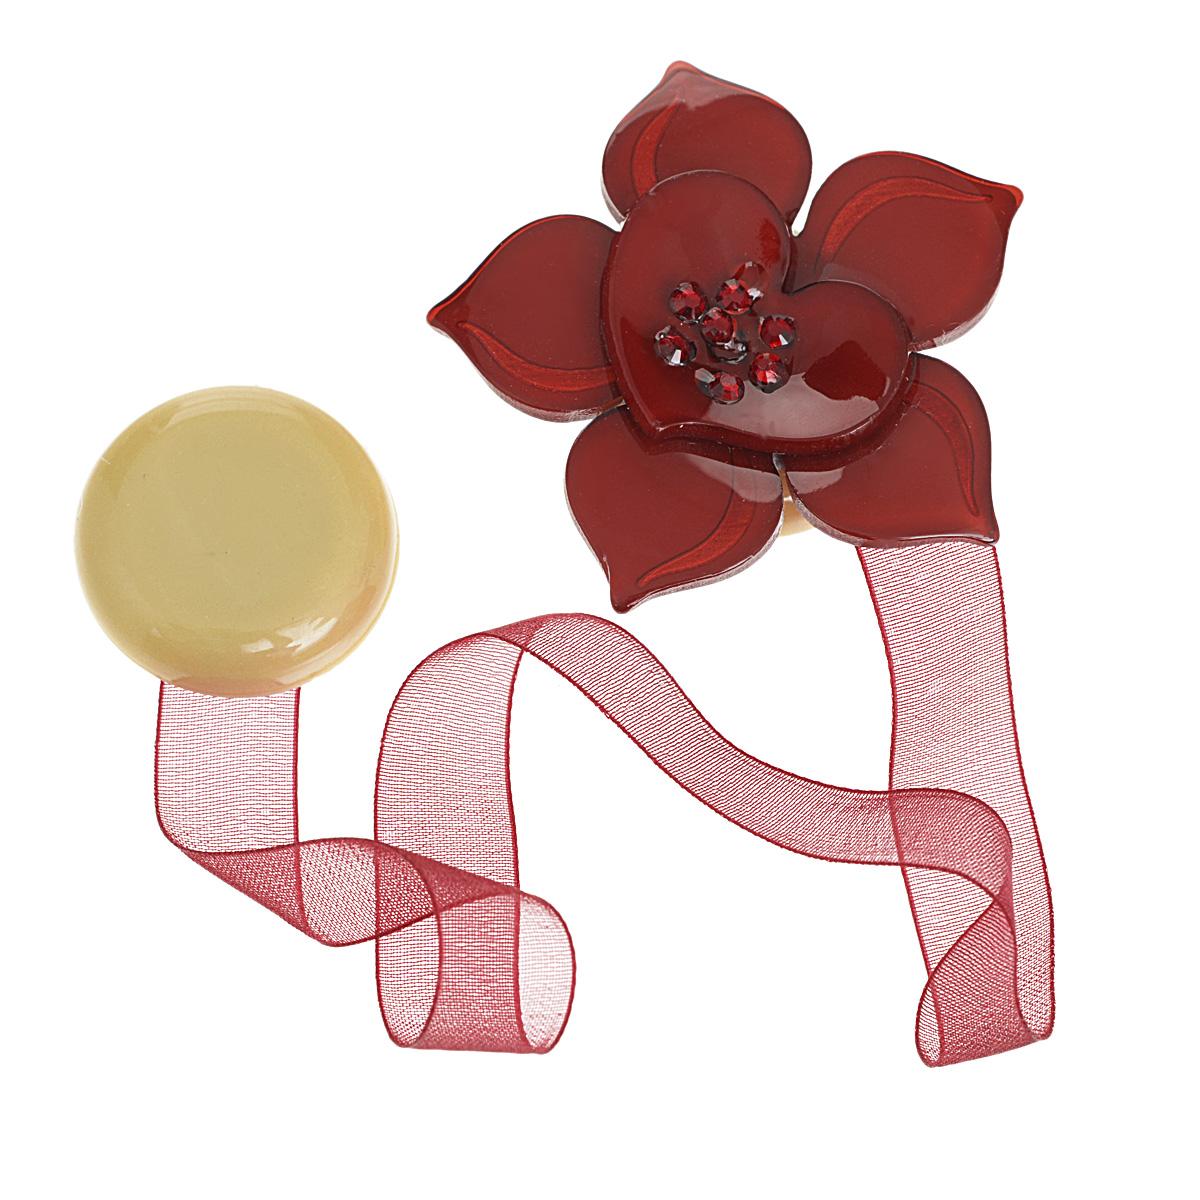 """Клипса-магнит """"Calamita Fiore"""", изготовленная из пластика и текстиля, предназначена для придания формы шторам. Изделие представляет собой два магнита, расположенные на разных концах текстильной ленты. Один из магнитов оформлен декоративным цветком и украшен стразами. С помощью такой магнитной клипсы можно зафиксировать портьеры, придать им требуемое положение, сделать складки симметричными или приблизить портьеры, скрепить их.   Клипсы для штор являются универсальным изделием, которое превосходно подойдет как для штор в детской комнате, так и для штор в гостиной. Следует отметить, что клипсы для штор выполняют не только практическую функцию, но также являются одной из основных деталей декора этого изделия, которая придает шторам восхитительный, стильный внешний вид. Материал: пластик, полиэстер, магнит. Диаметр декоративного цветка: 5 см. Диаметр магнита: 2,5 см. Длина ленты: 28 см."""